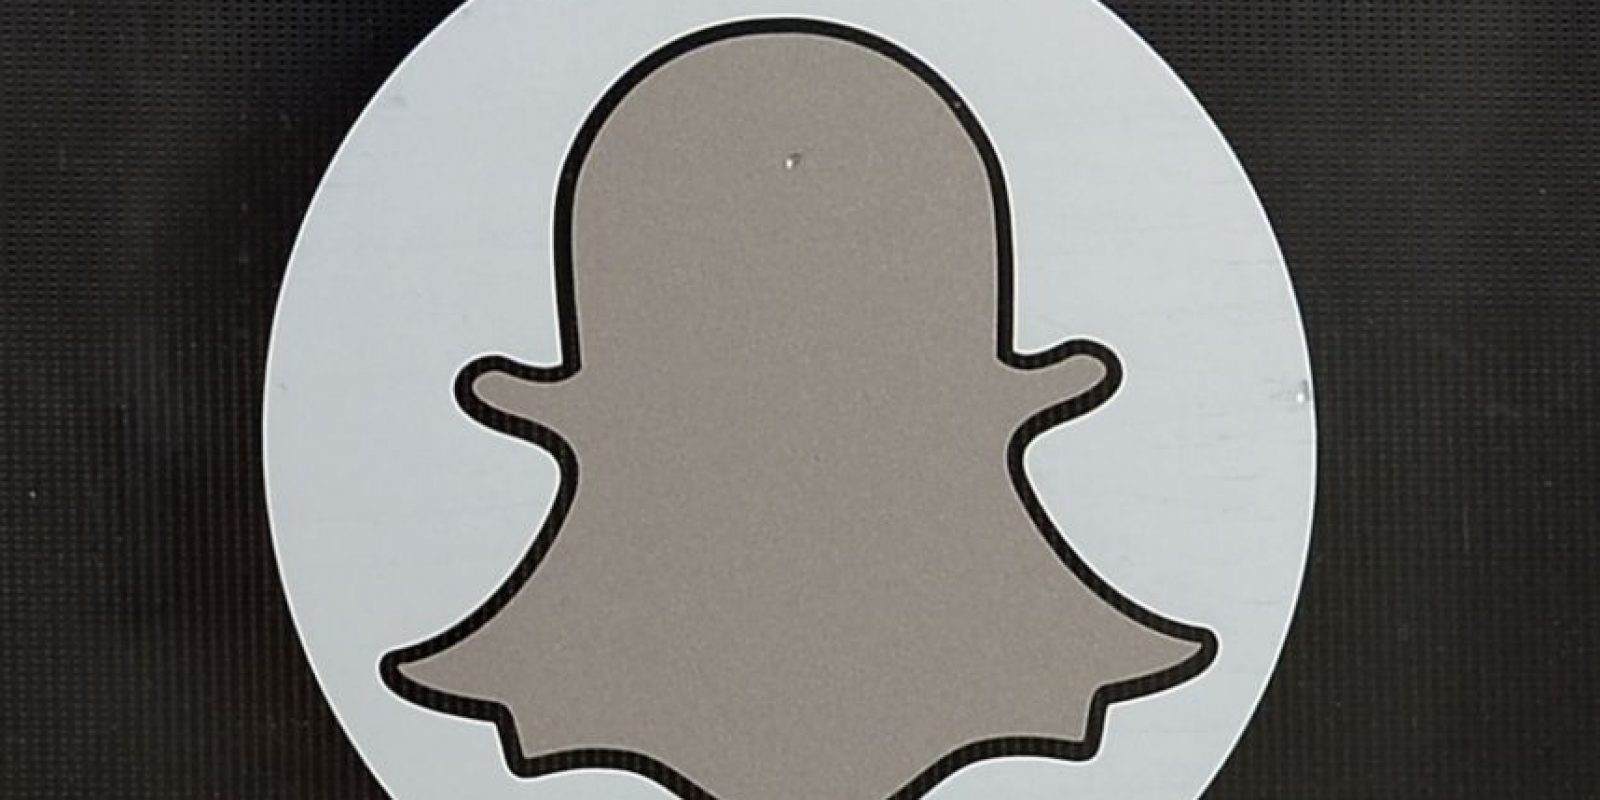 El logo de Snapchat, además de reforzar el concepto de privacidad que ofrece la marca, tiene un nombre: se trata de Ghostface Chillah, basado en el miembro del grupo de rap Wu-Tang Clan Foto:Getty Images